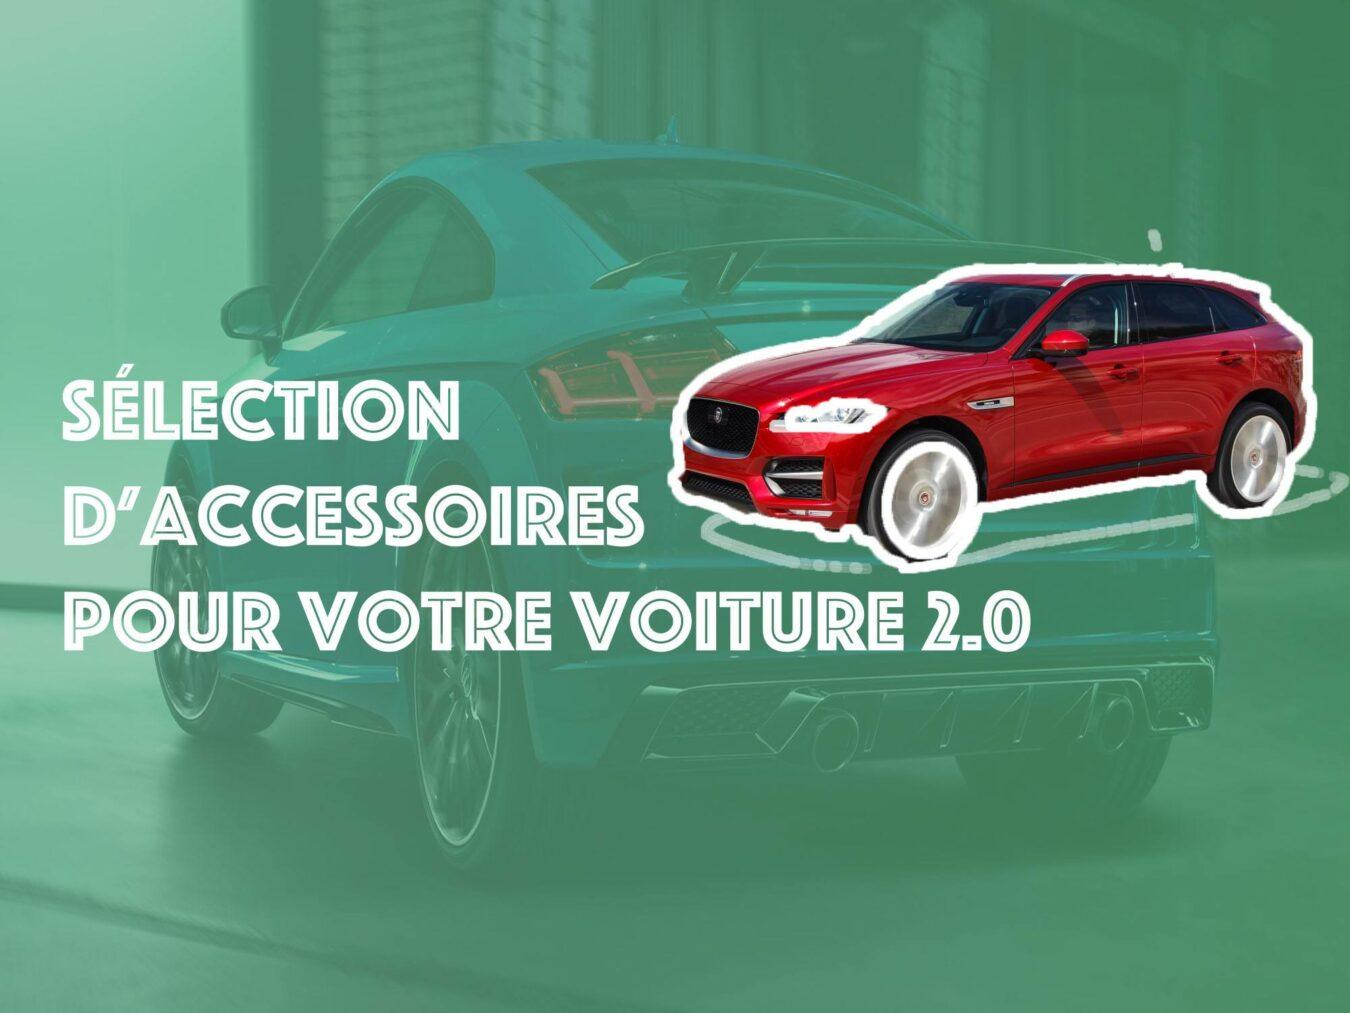 Photo of Les petits trucs indispensables pour votre voiture 2.0 !